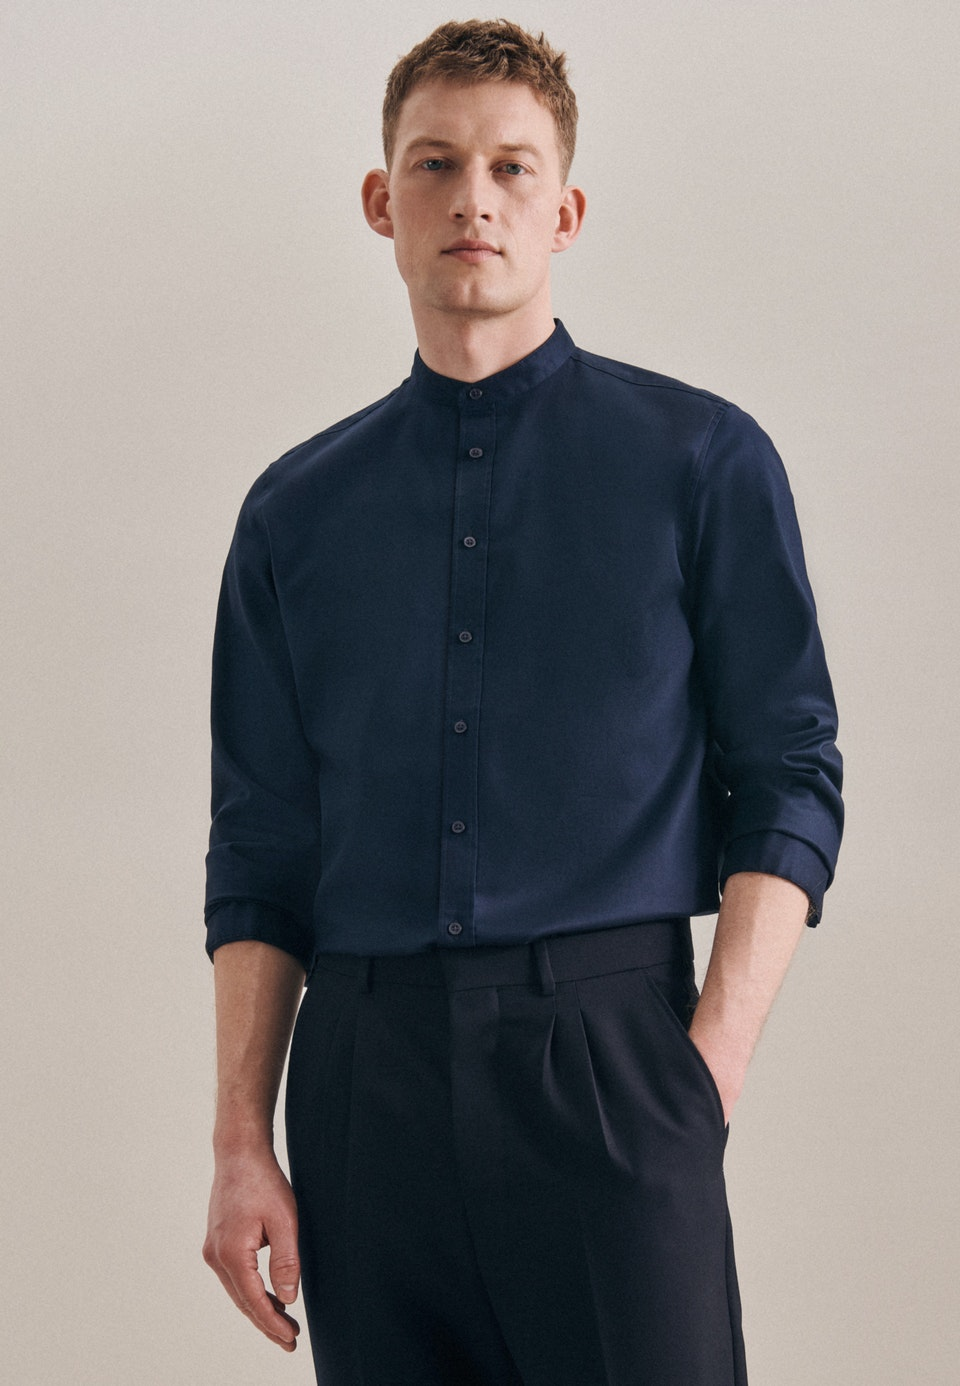 Bügelfreies Twill Business Hemd in Slim mit Stehkragen in Dunkelblau |  Seidensticker Onlineshop